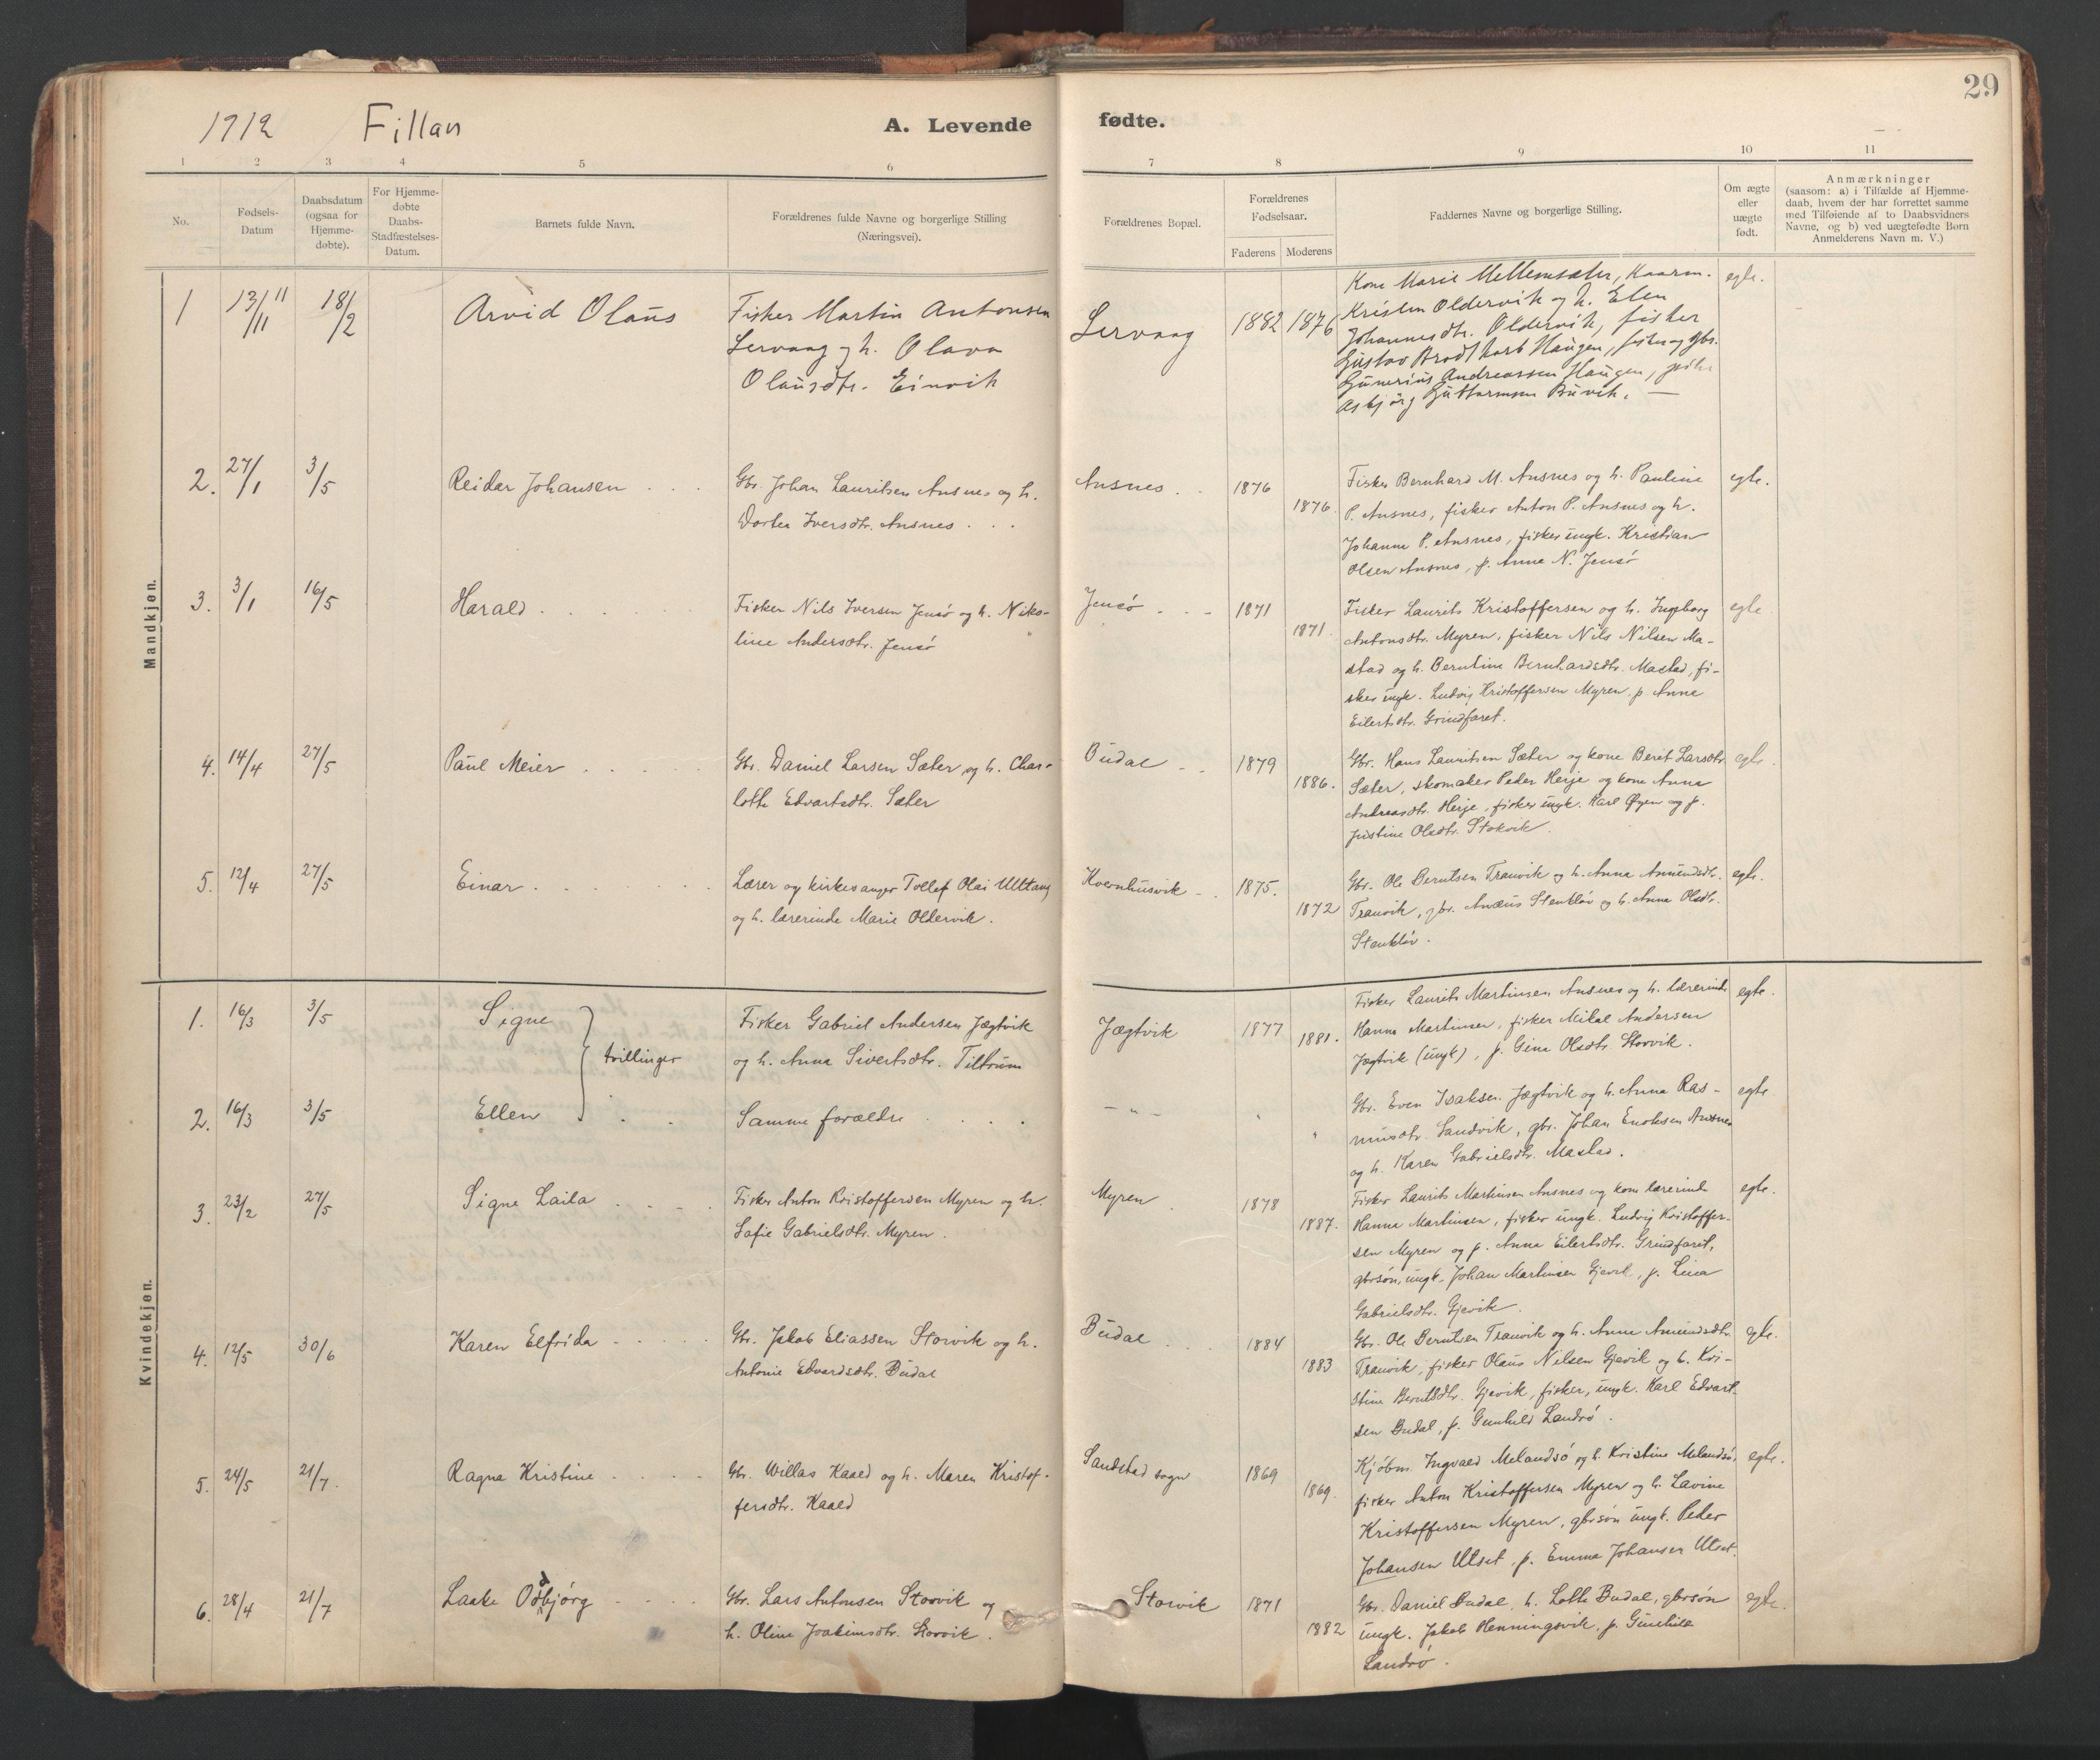 SAT, Ministerialprotokoller, klokkerbøker og fødselsregistre - Sør-Trøndelag, 637/L0559: Ministerialbok nr. 637A02, 1899-1923, s. 29